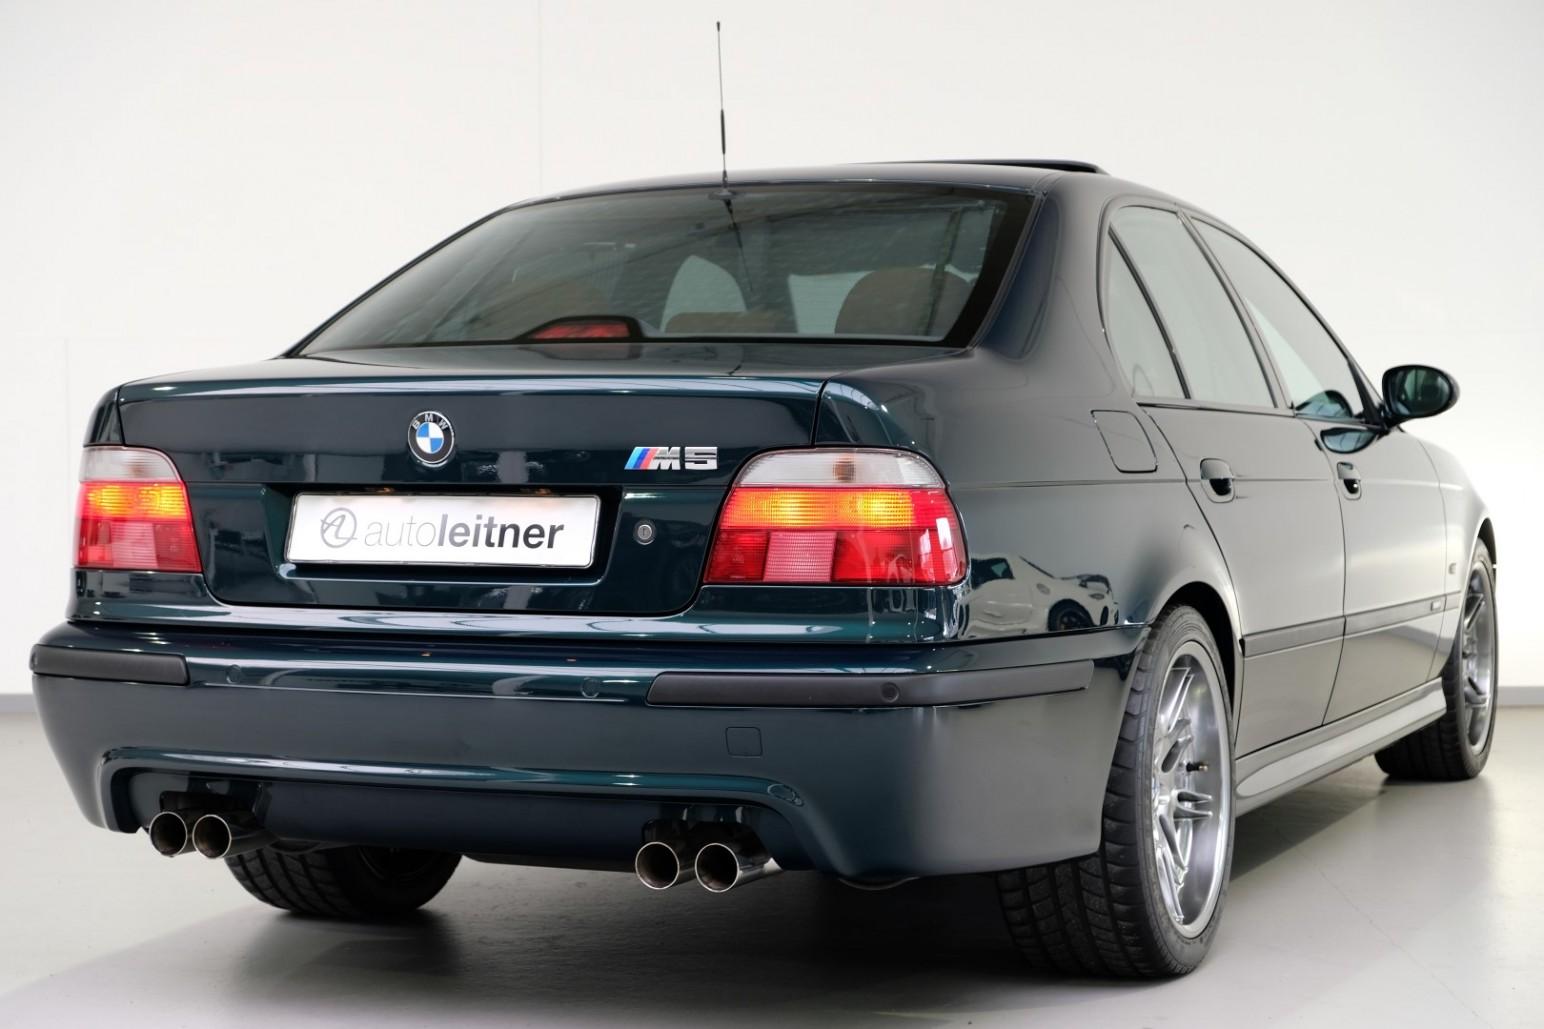 BMW-M5-E39-1999-for-sale-29